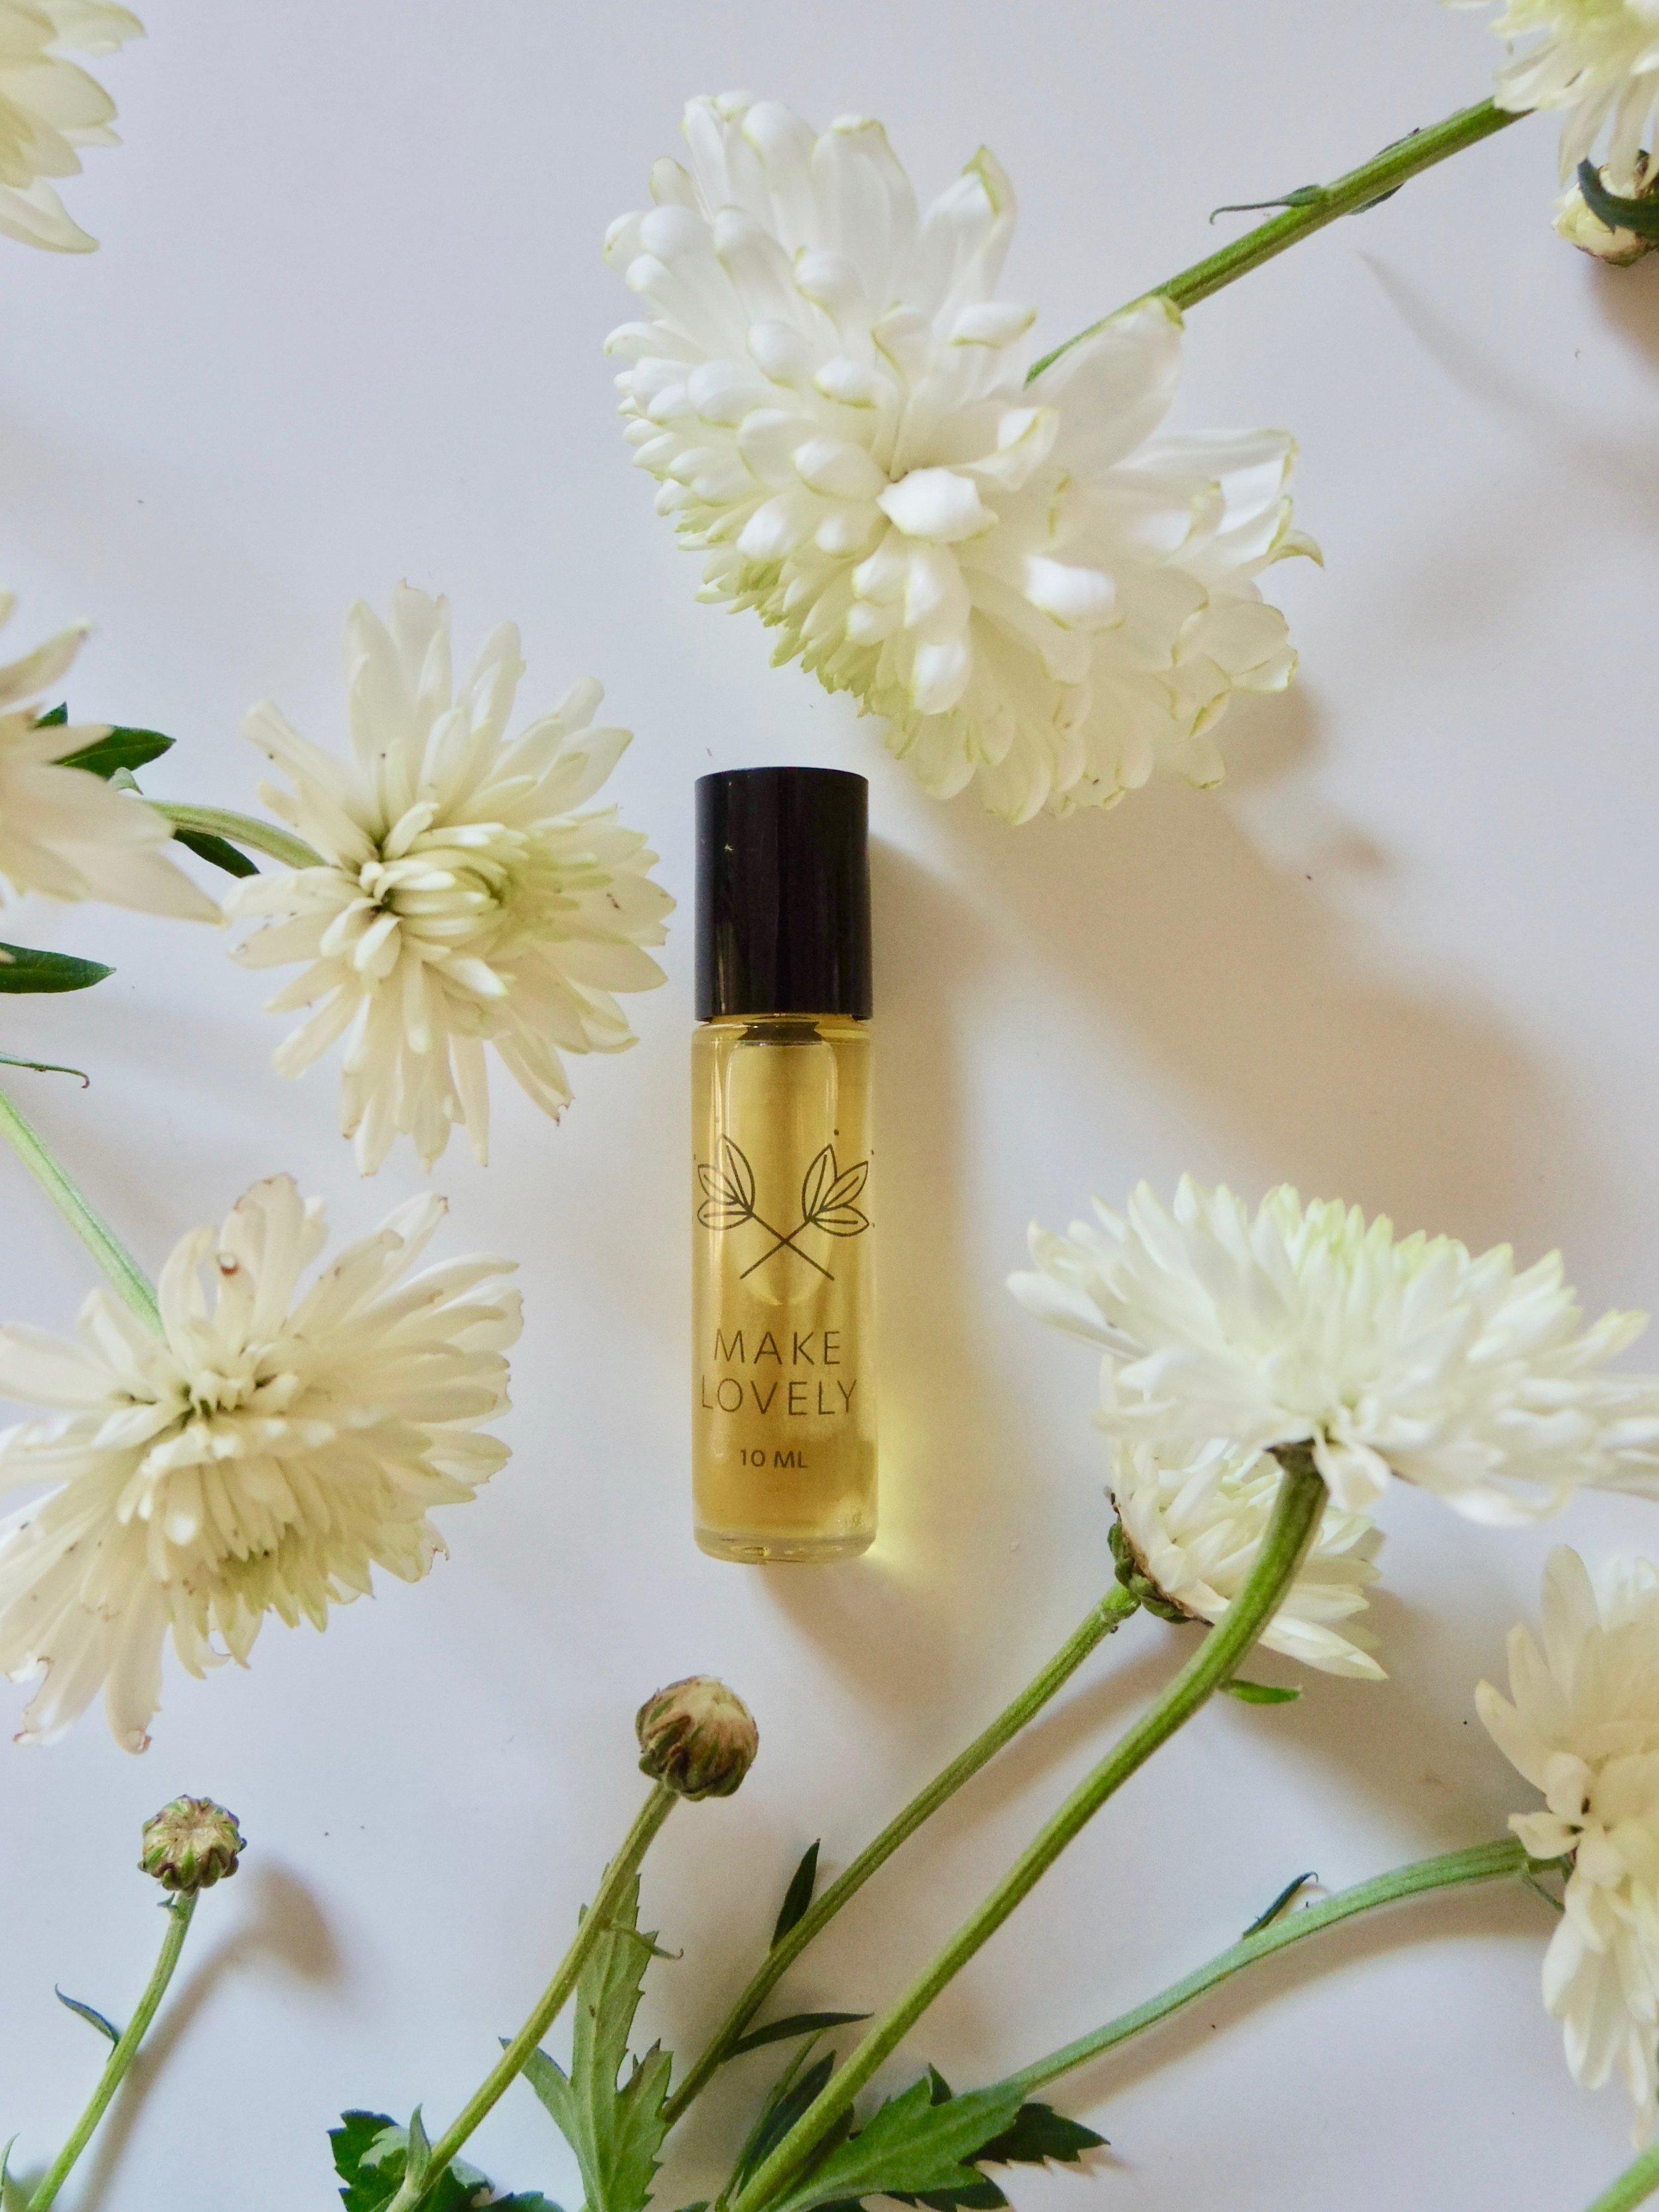 Make Lovely Roll on Perfume